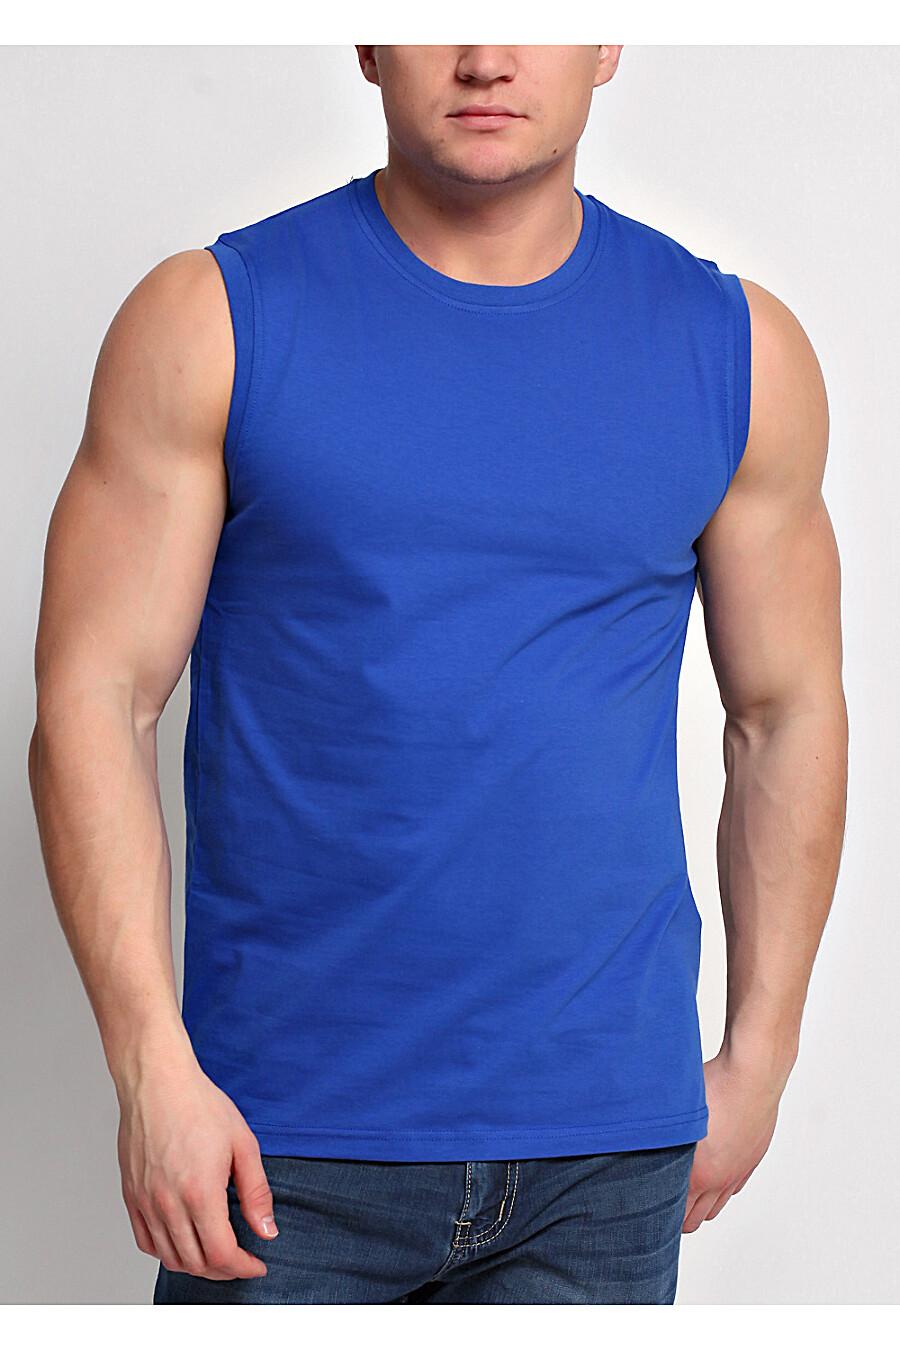 Майка для мужчин CLEVER 151807 купить оптом от производителя. Совместная покупка мужской одежды в OptMoyo